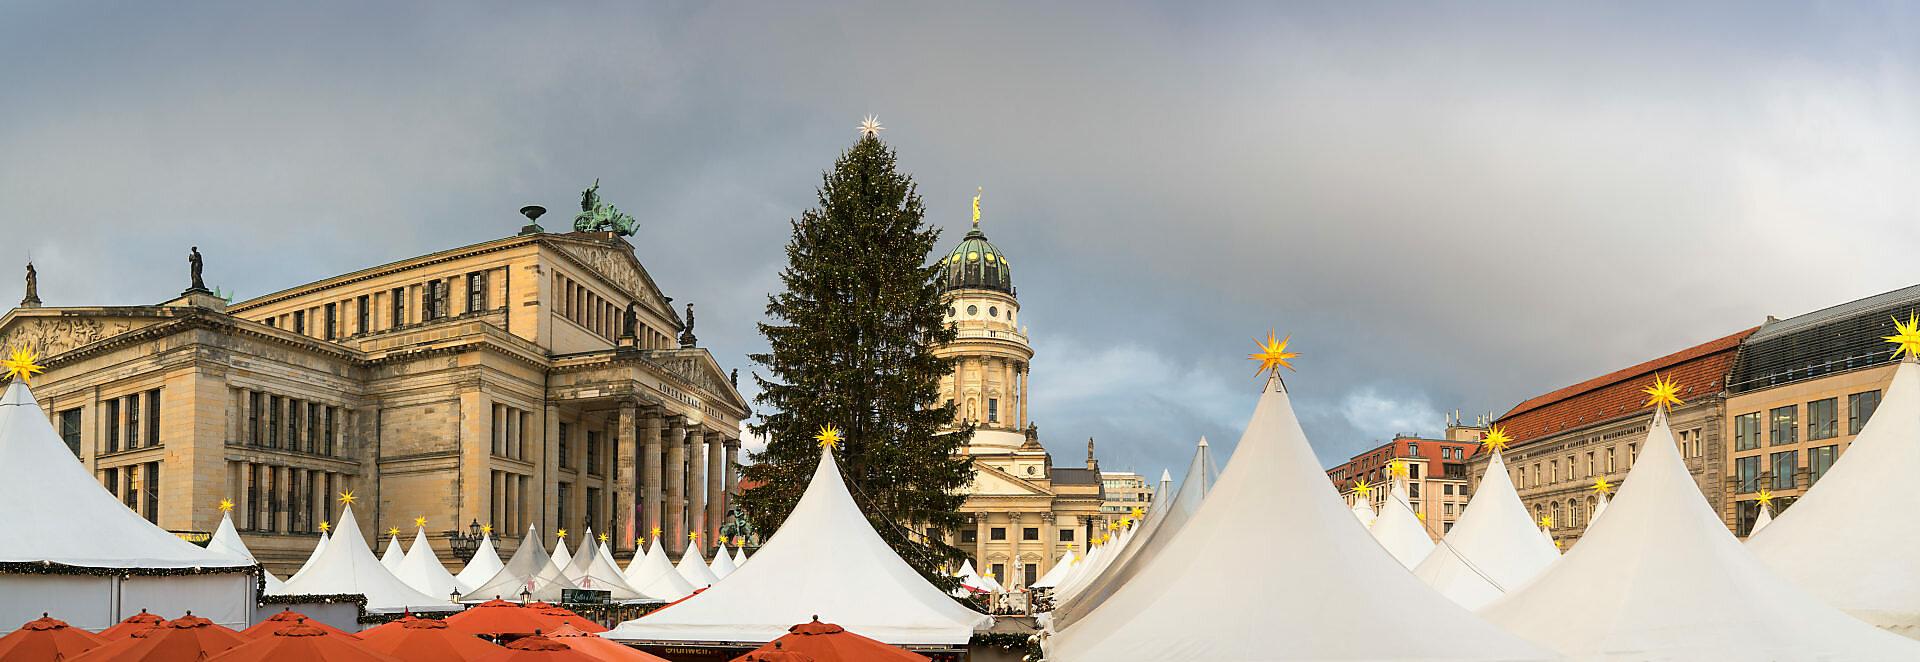 Berlin, Gendarmenmarkt, Weihnachtsmarkt, Französischer Dom, Konzerthaus, Panorama